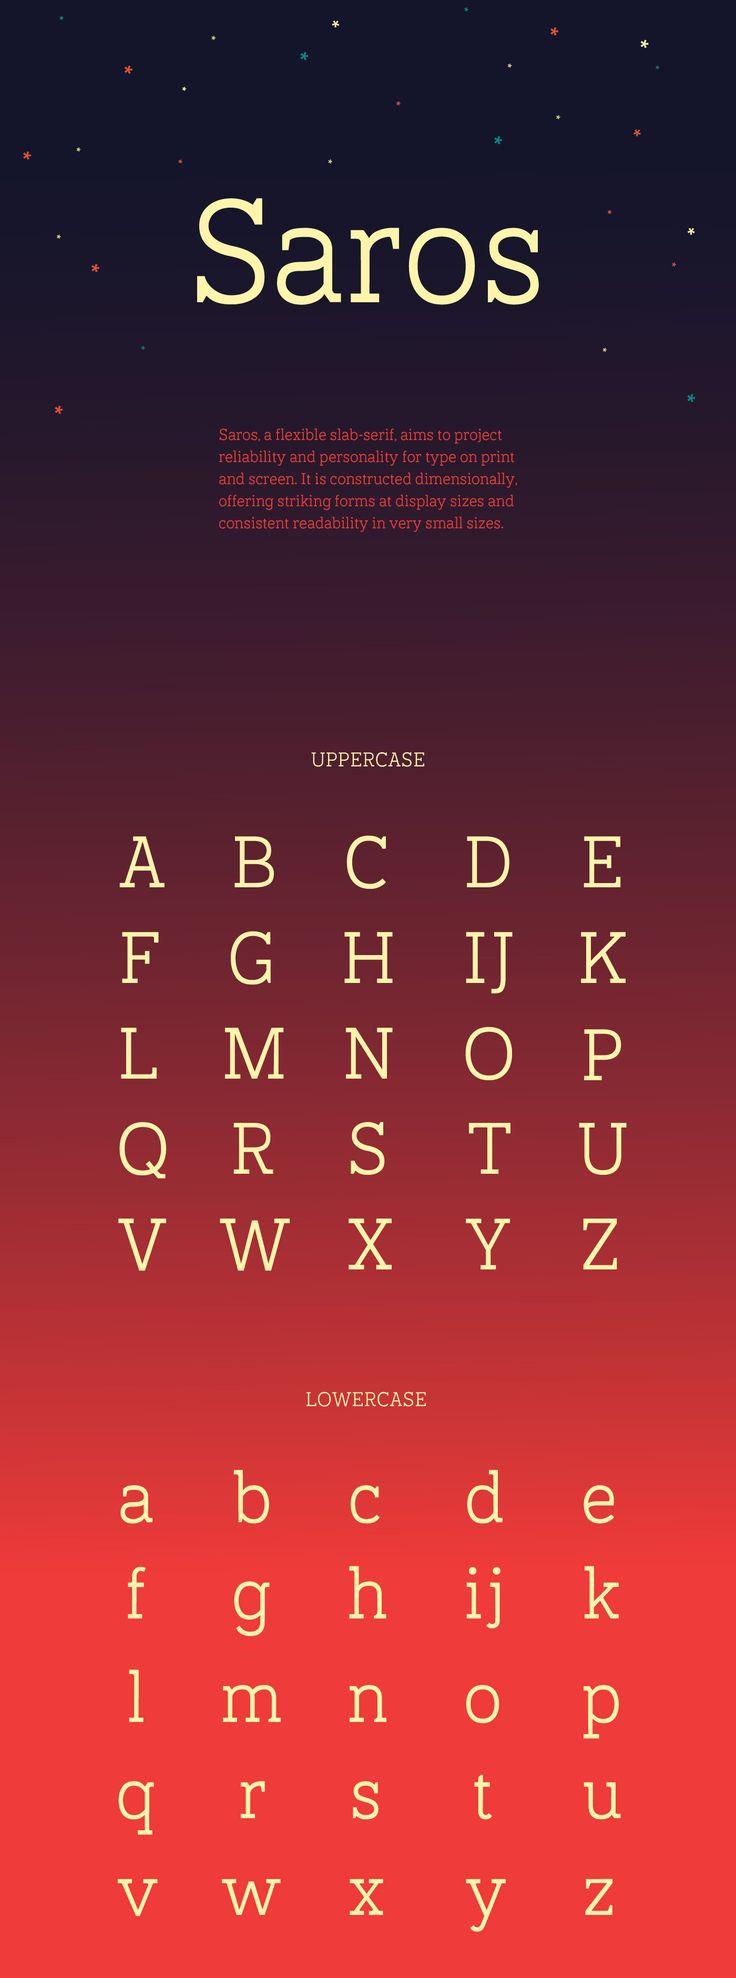 Saros Slab Serif Free Font